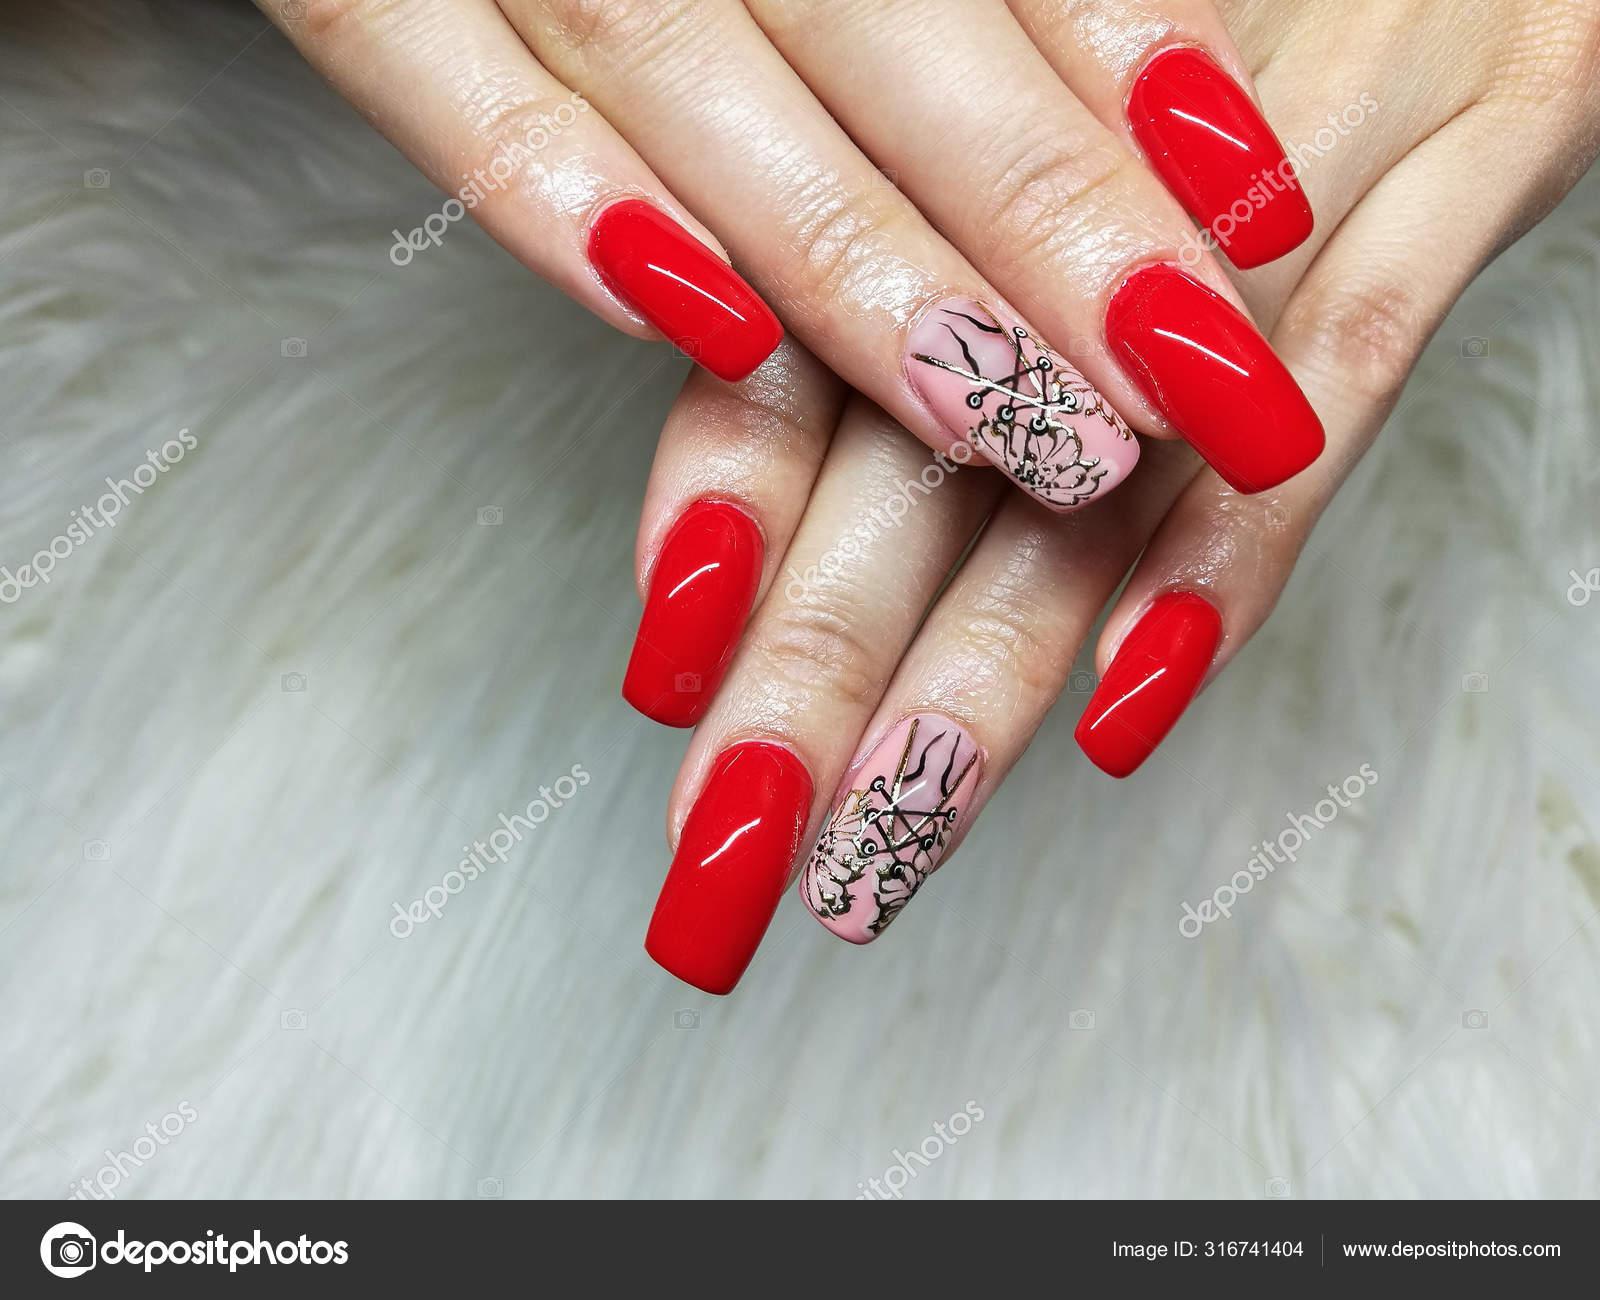 Cervene A Ruzove Malovane Gel Nehty Manikura Na Bilem Kozesinovem Pozadi Stock Fotografie C Malcomz 316741404